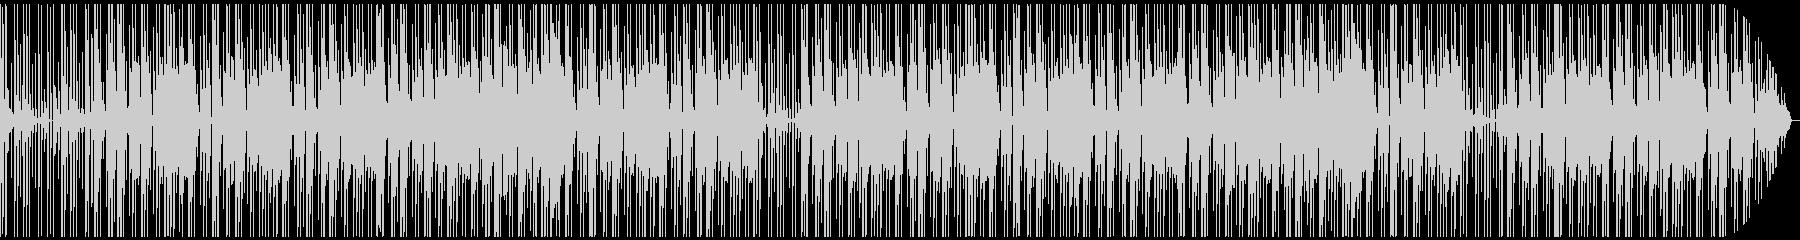 ゆったりとしたEDM系のBGMです。の未再生の波形